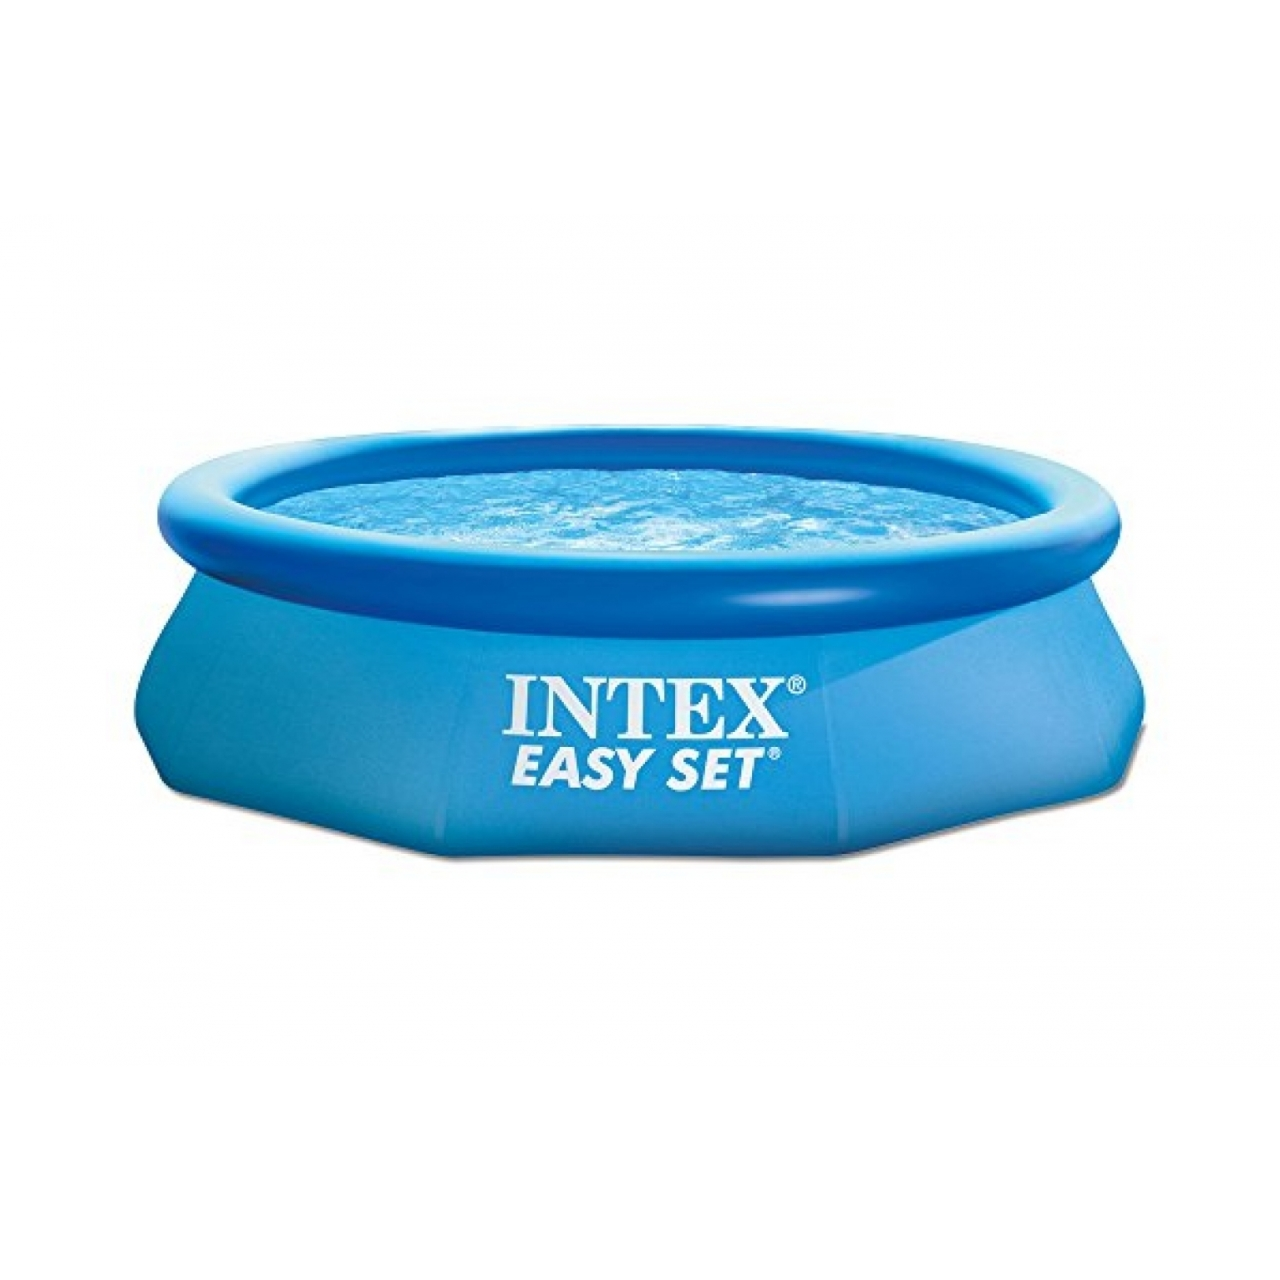 Pin easy set pools on pinterest for Gartenpool set